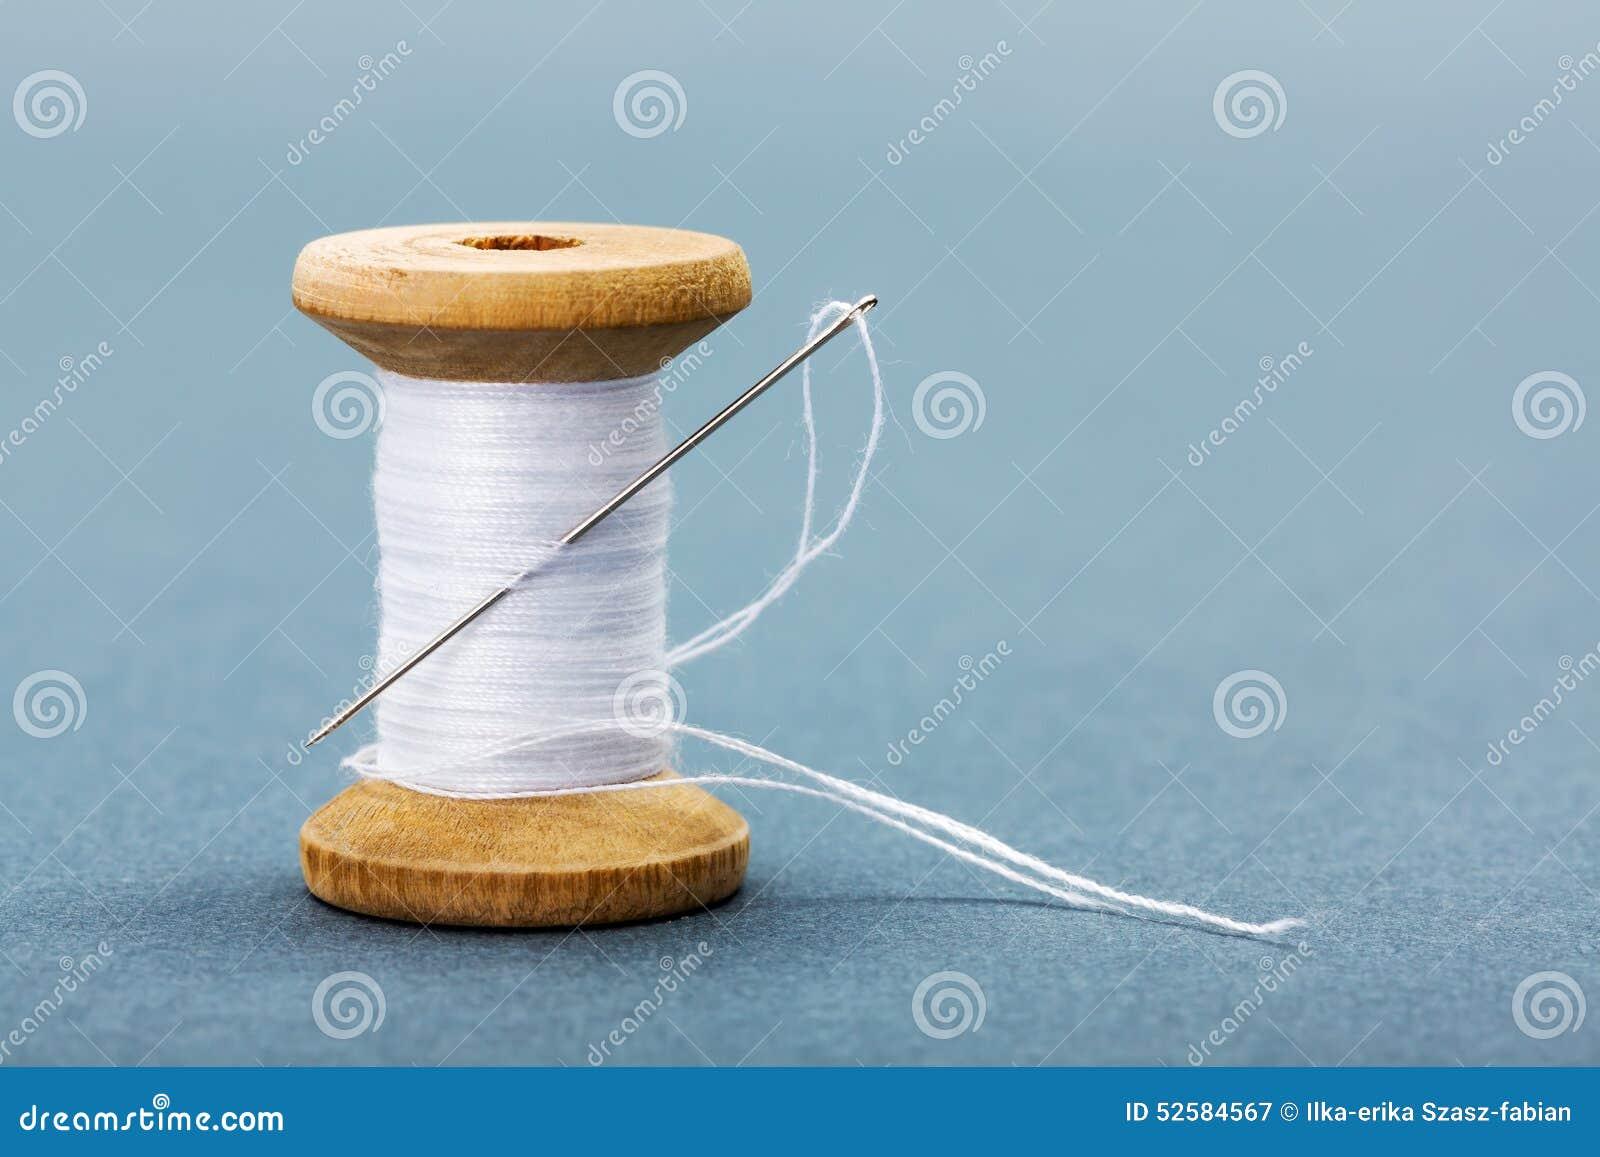 Bobine du fil et de l 39 aiguille de couture blancs photo for Salon du fil et de l aiguille